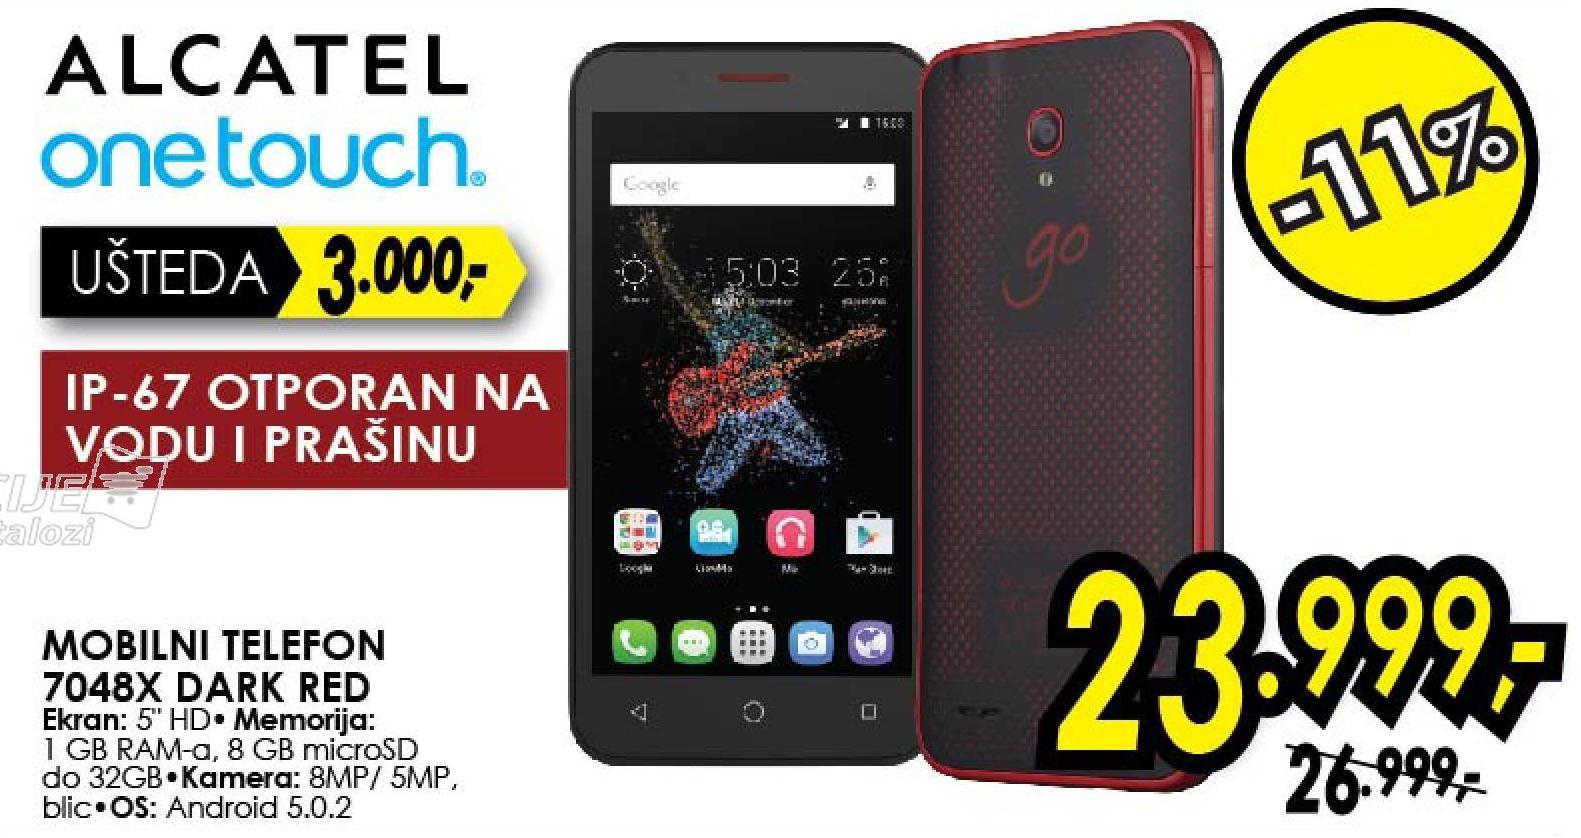 Mobilni telefon 7048X Dark Red